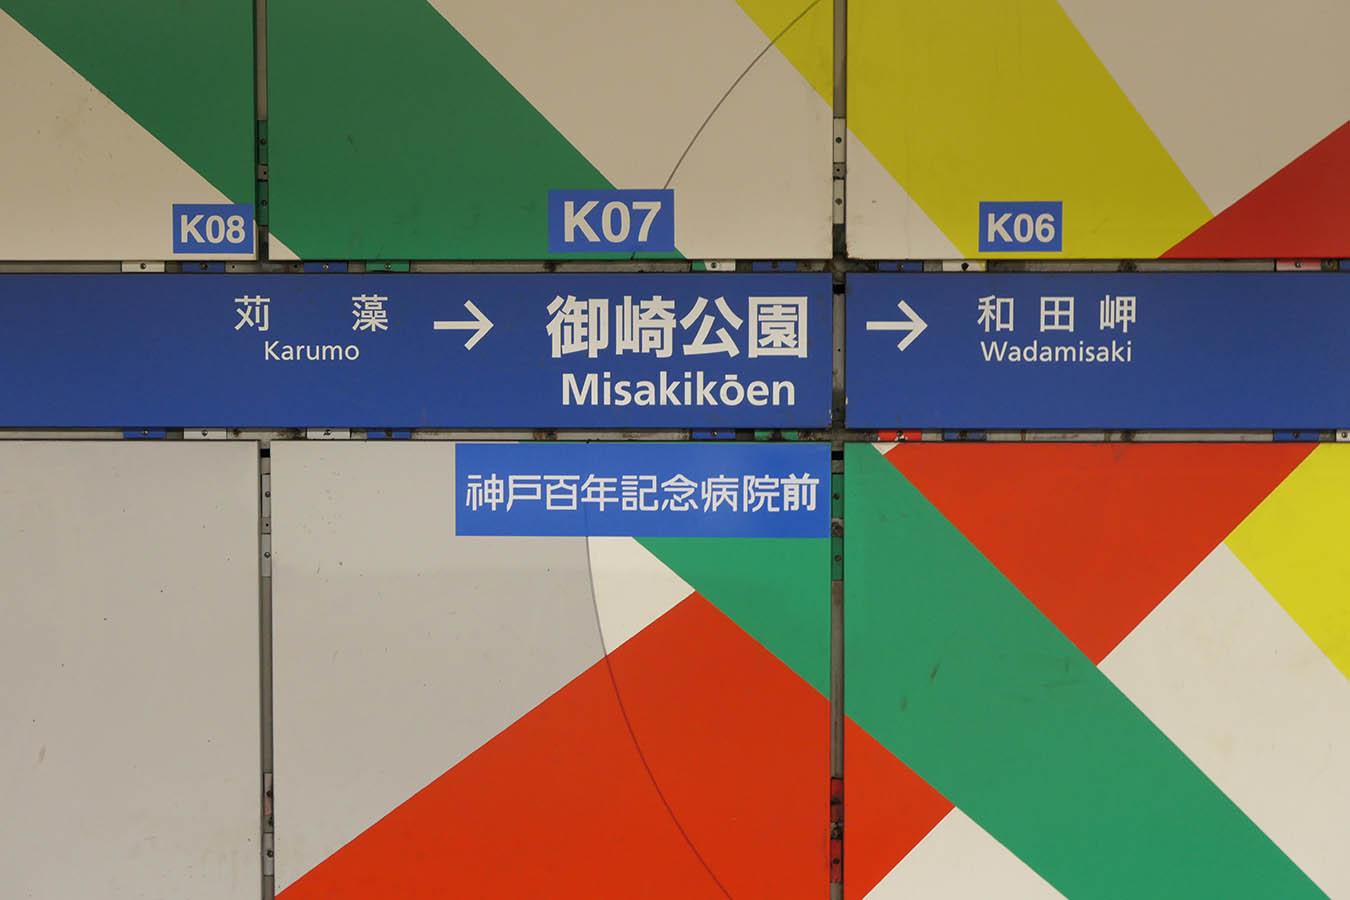 K07_photo05.jpg